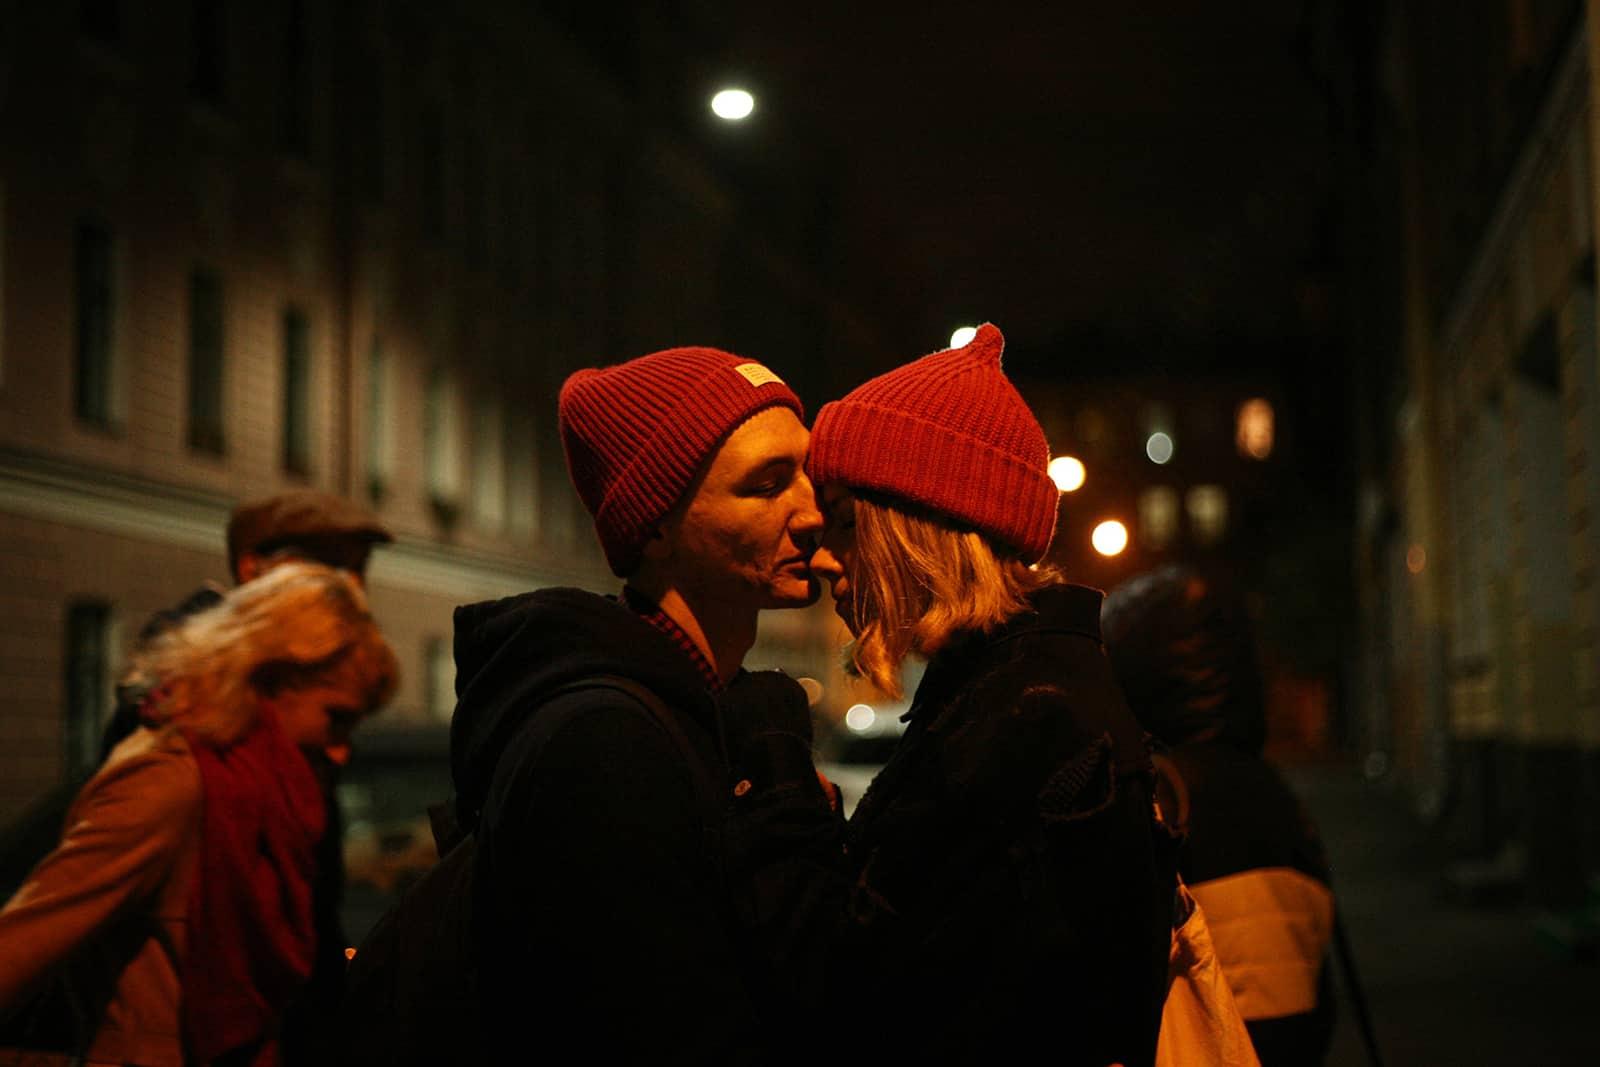 un couple étreignant la nuit dans la rue pendant que les gens marchent près d'eux